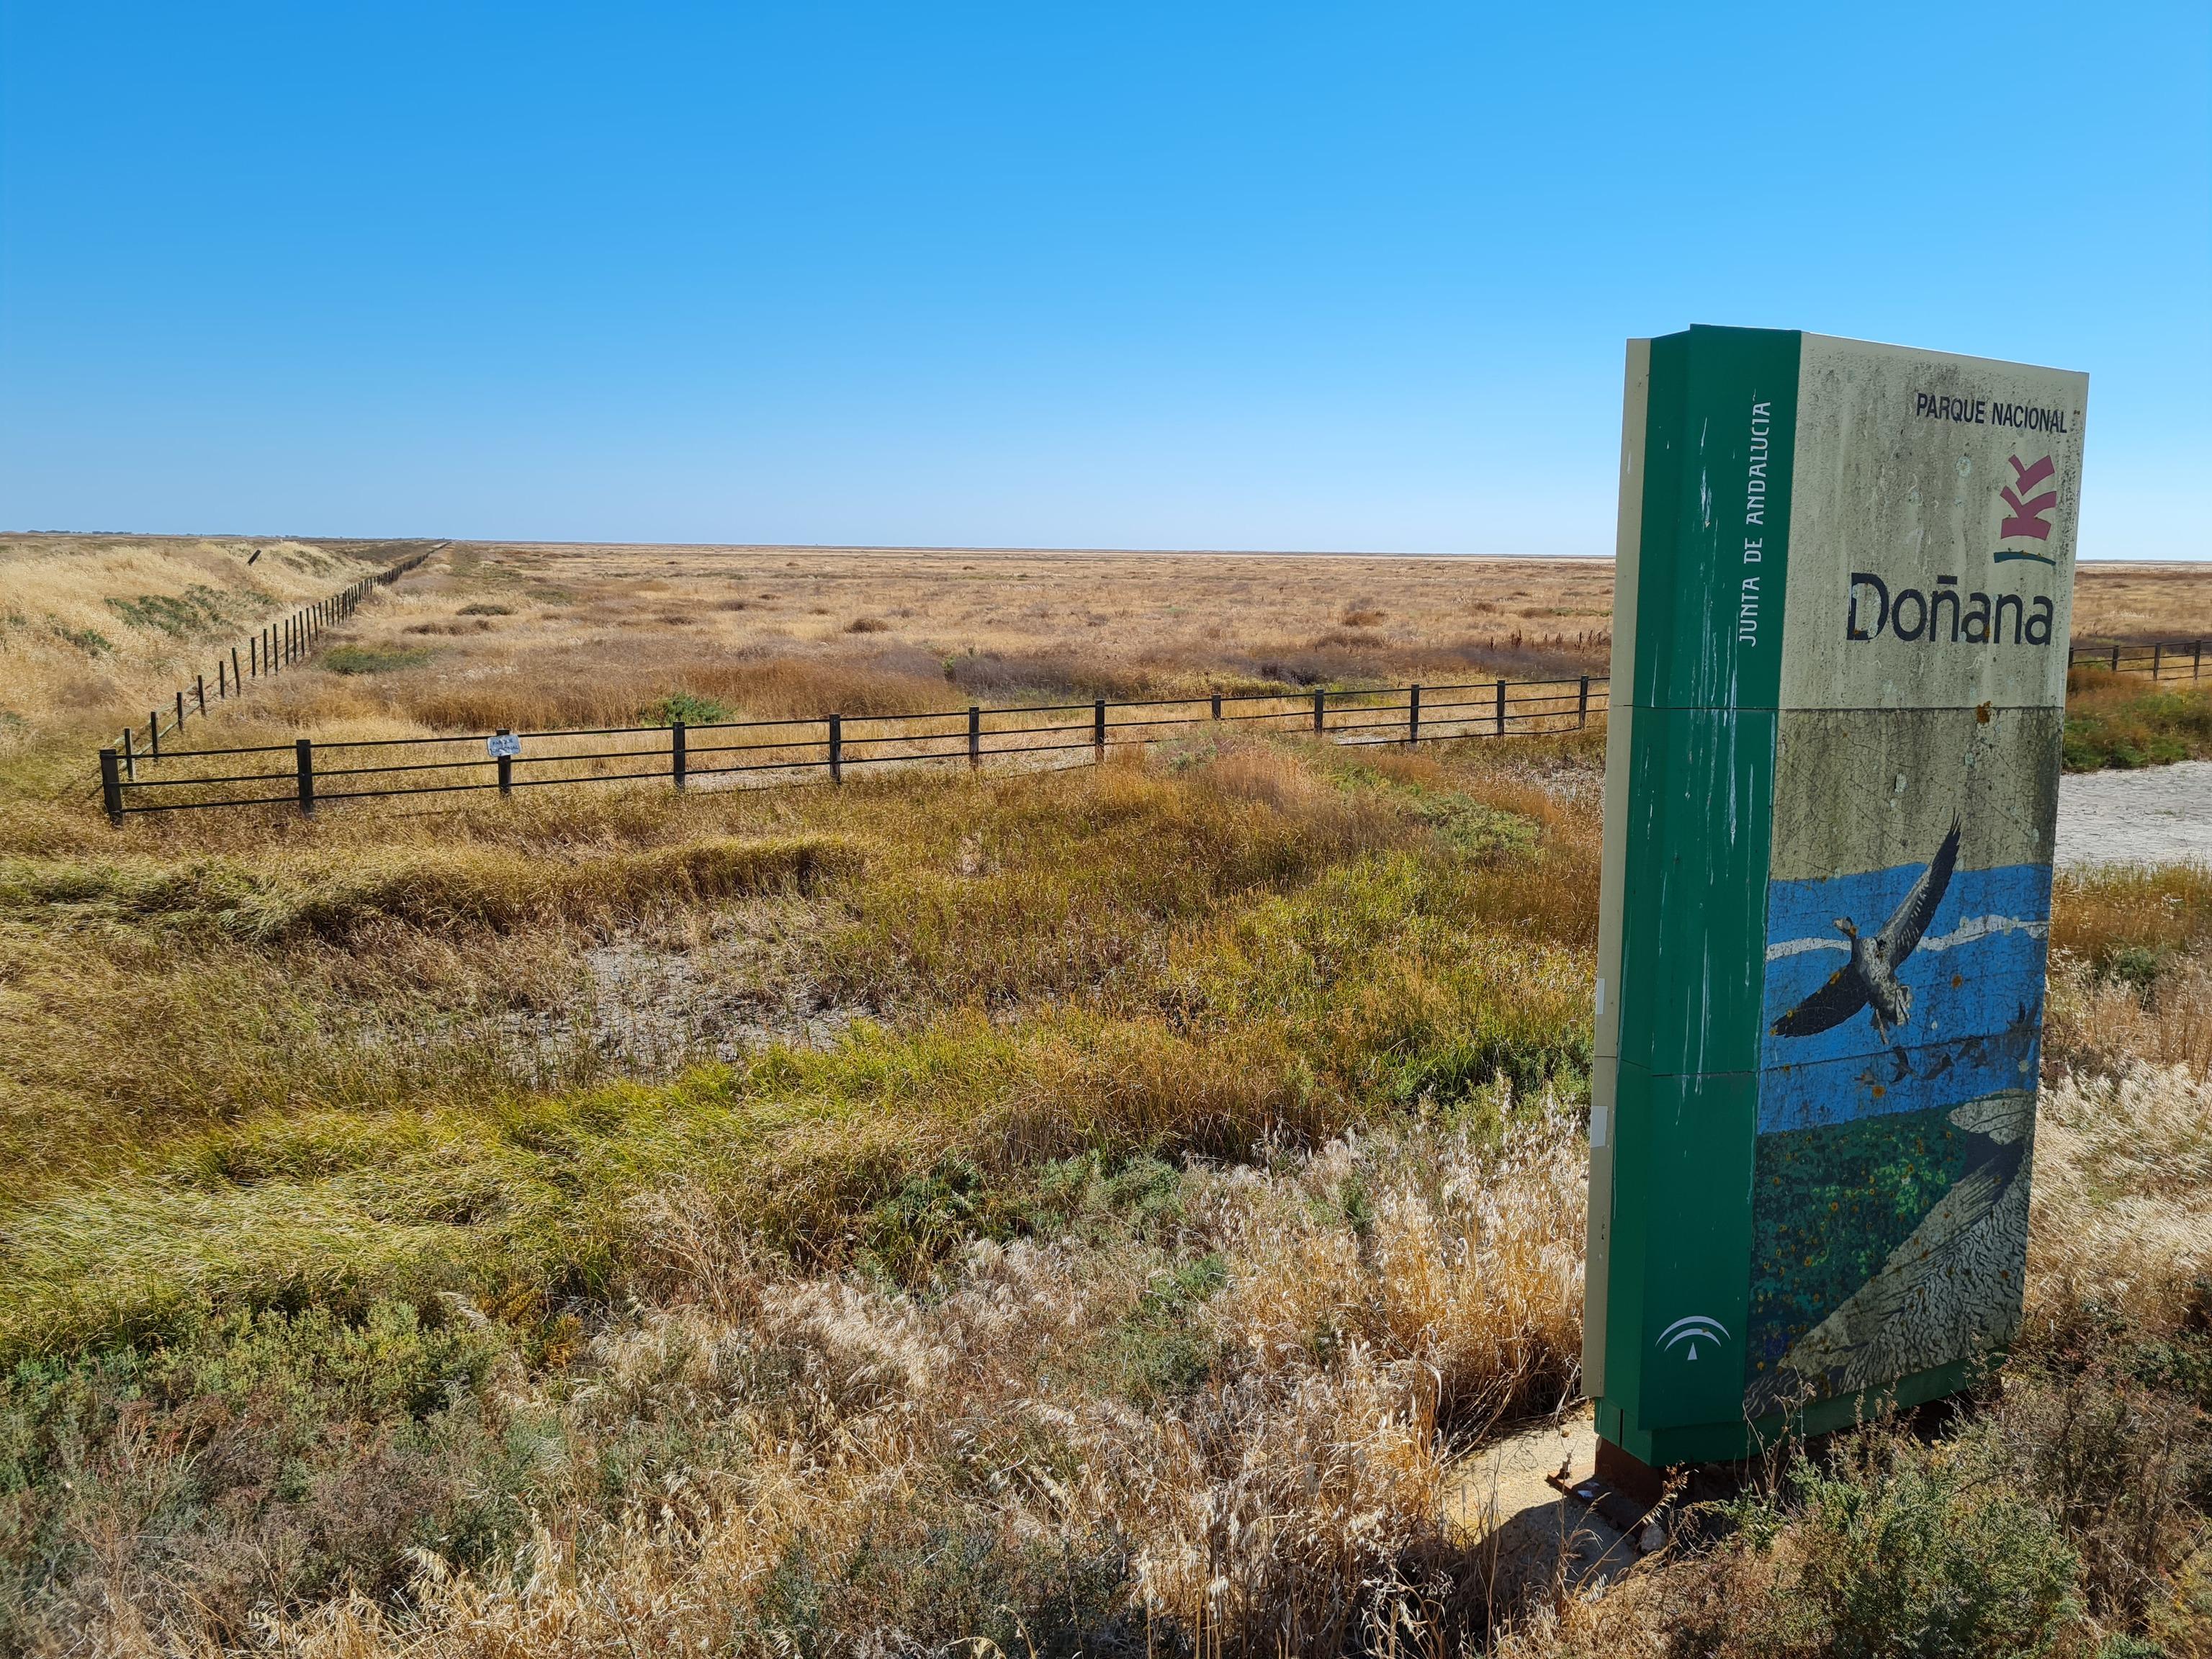 Imagen de una extensión seca en la finca Caracoles, dentro del Parque Nacional de Doñana.